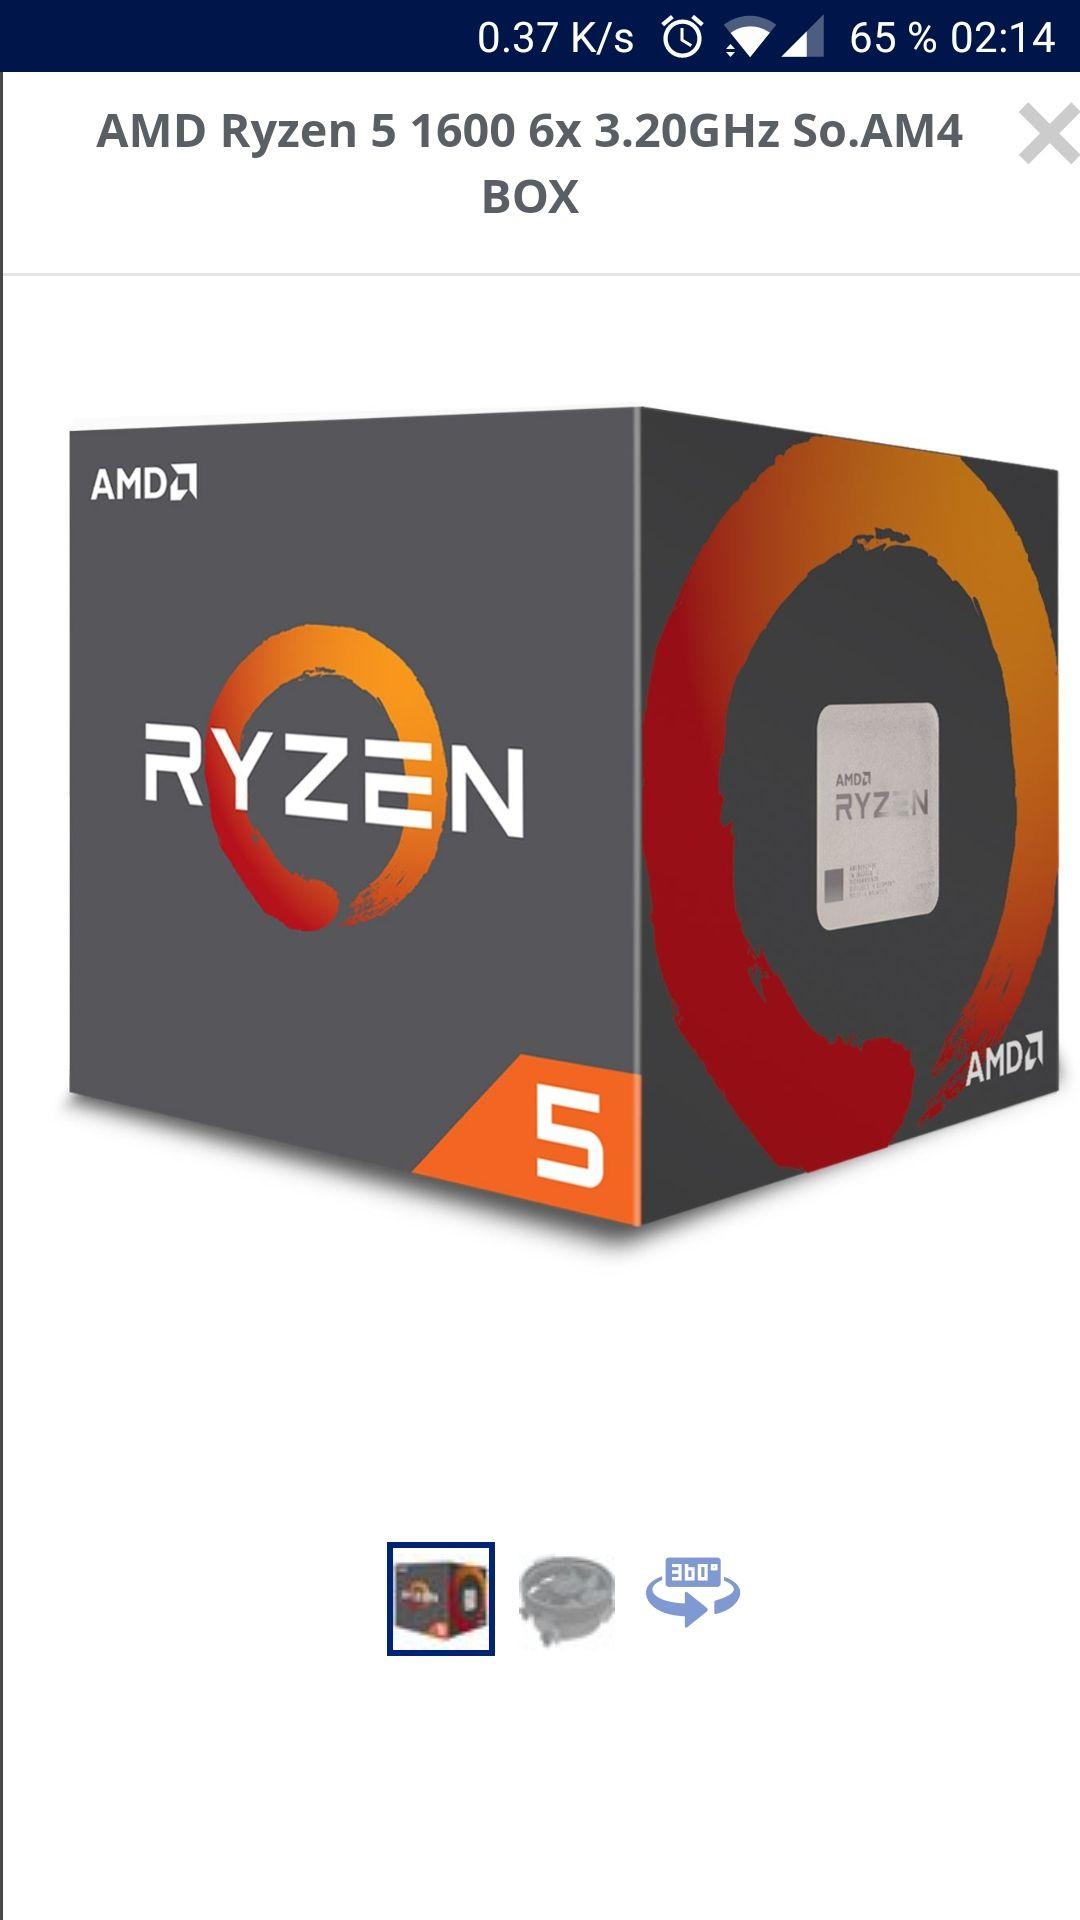 AMD ryzen 5 1600 bei Mindfactory reduziert